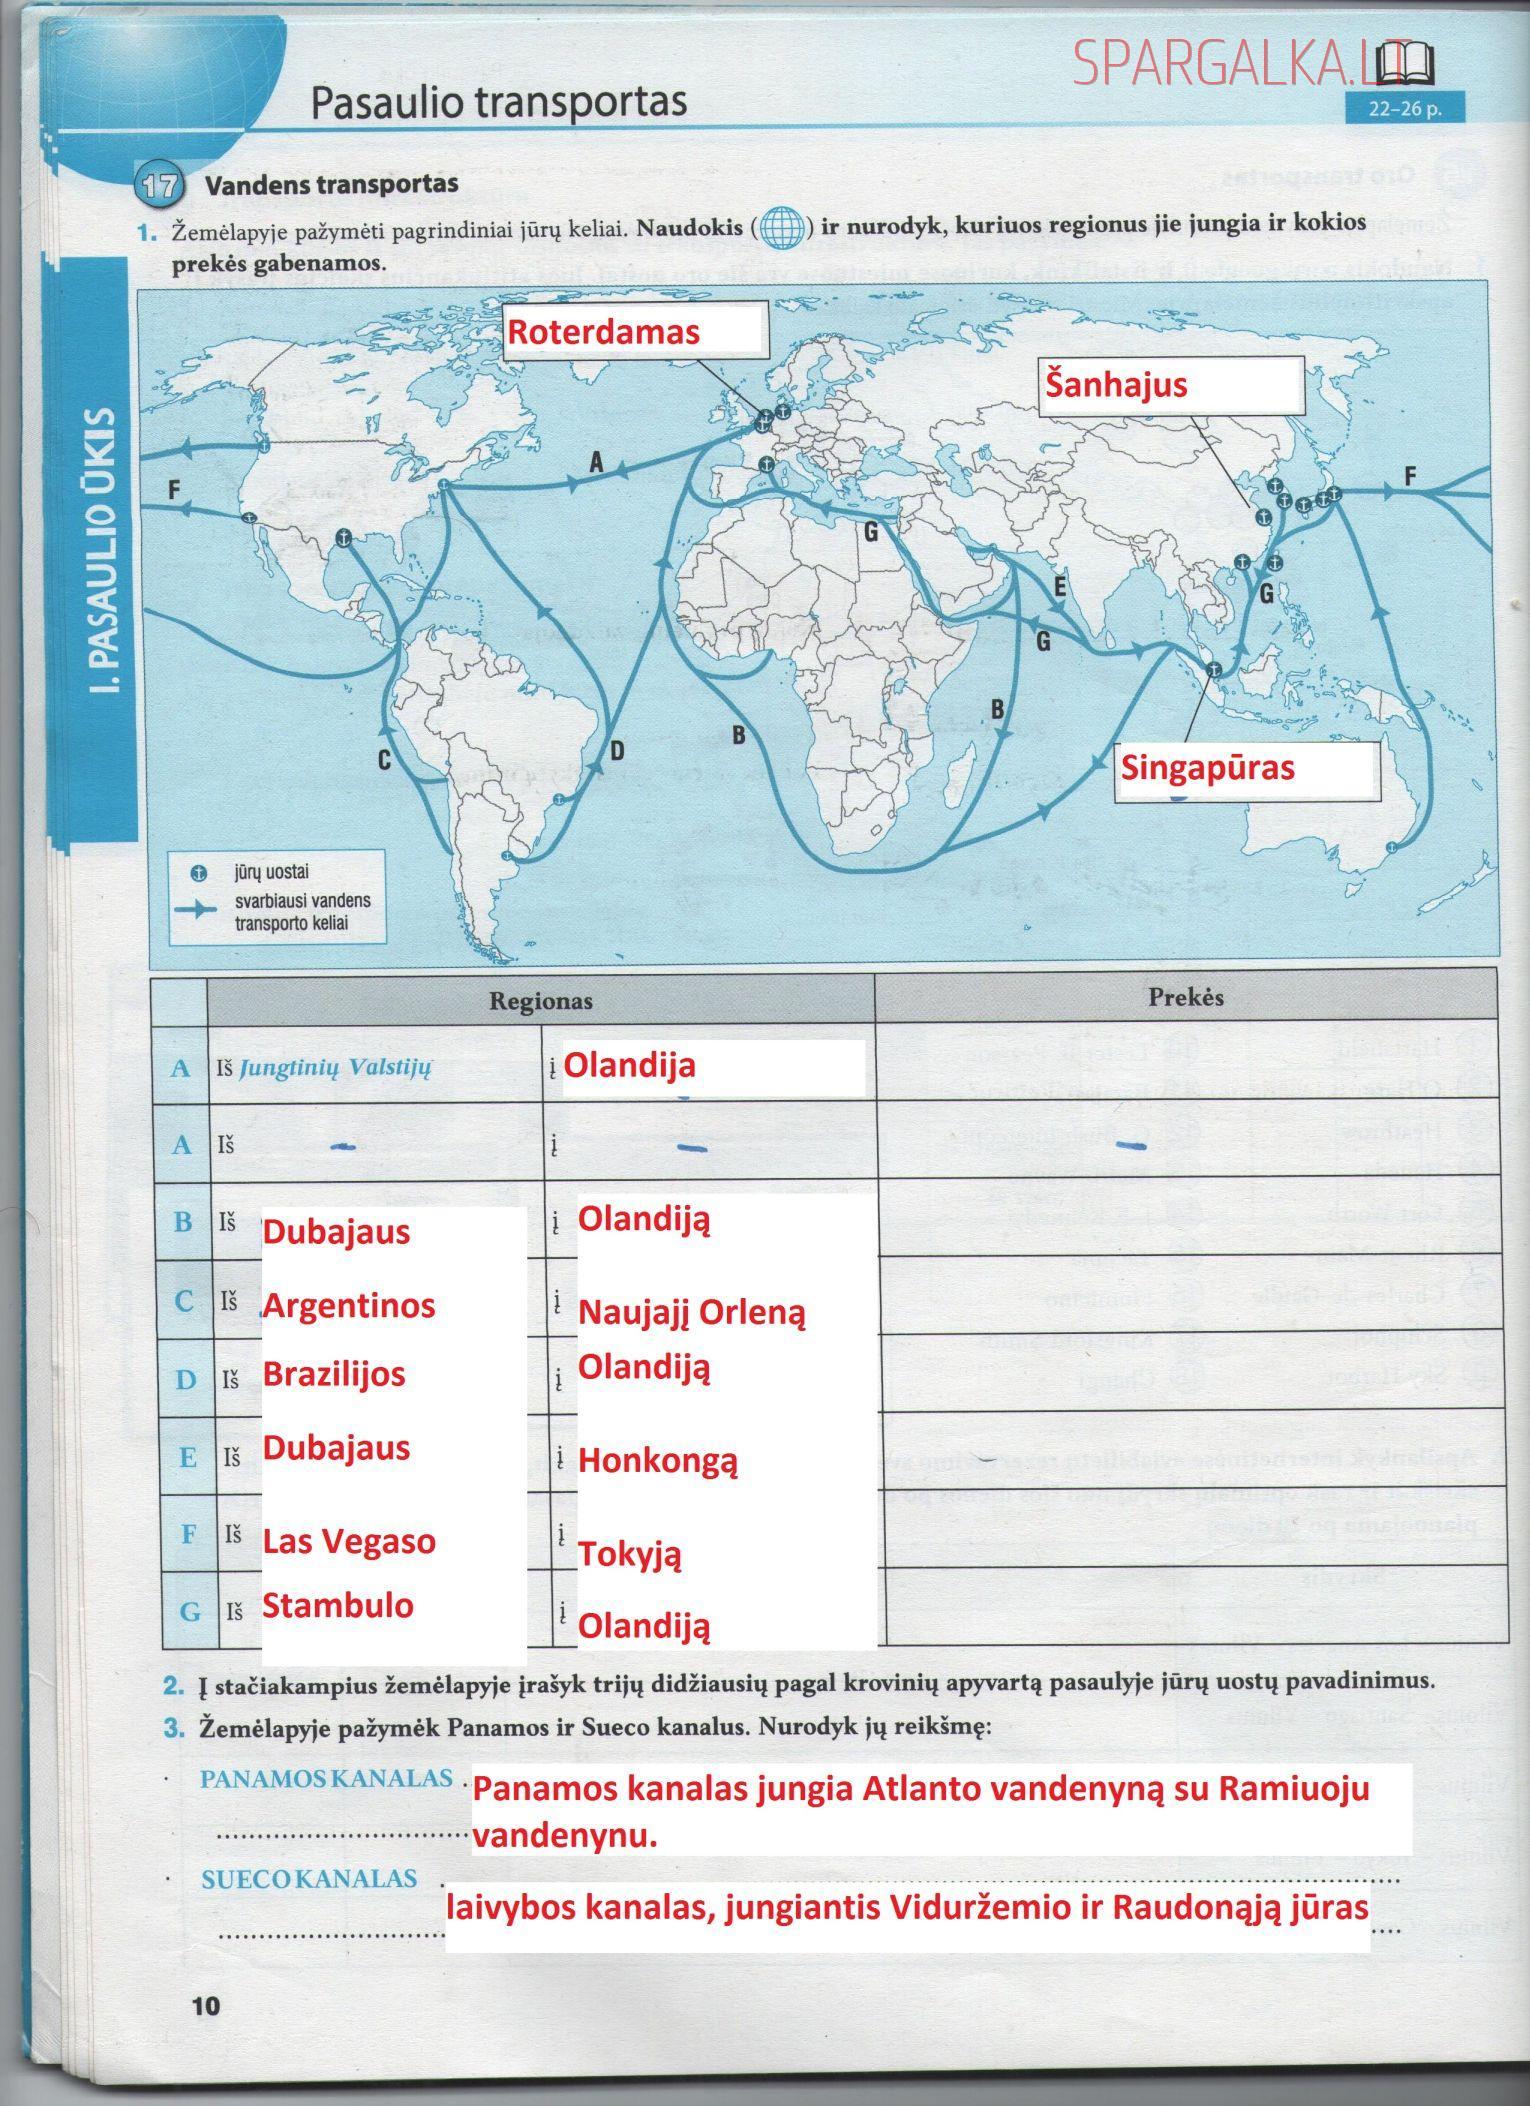 Geografija, Žemė (Atnaujintos)